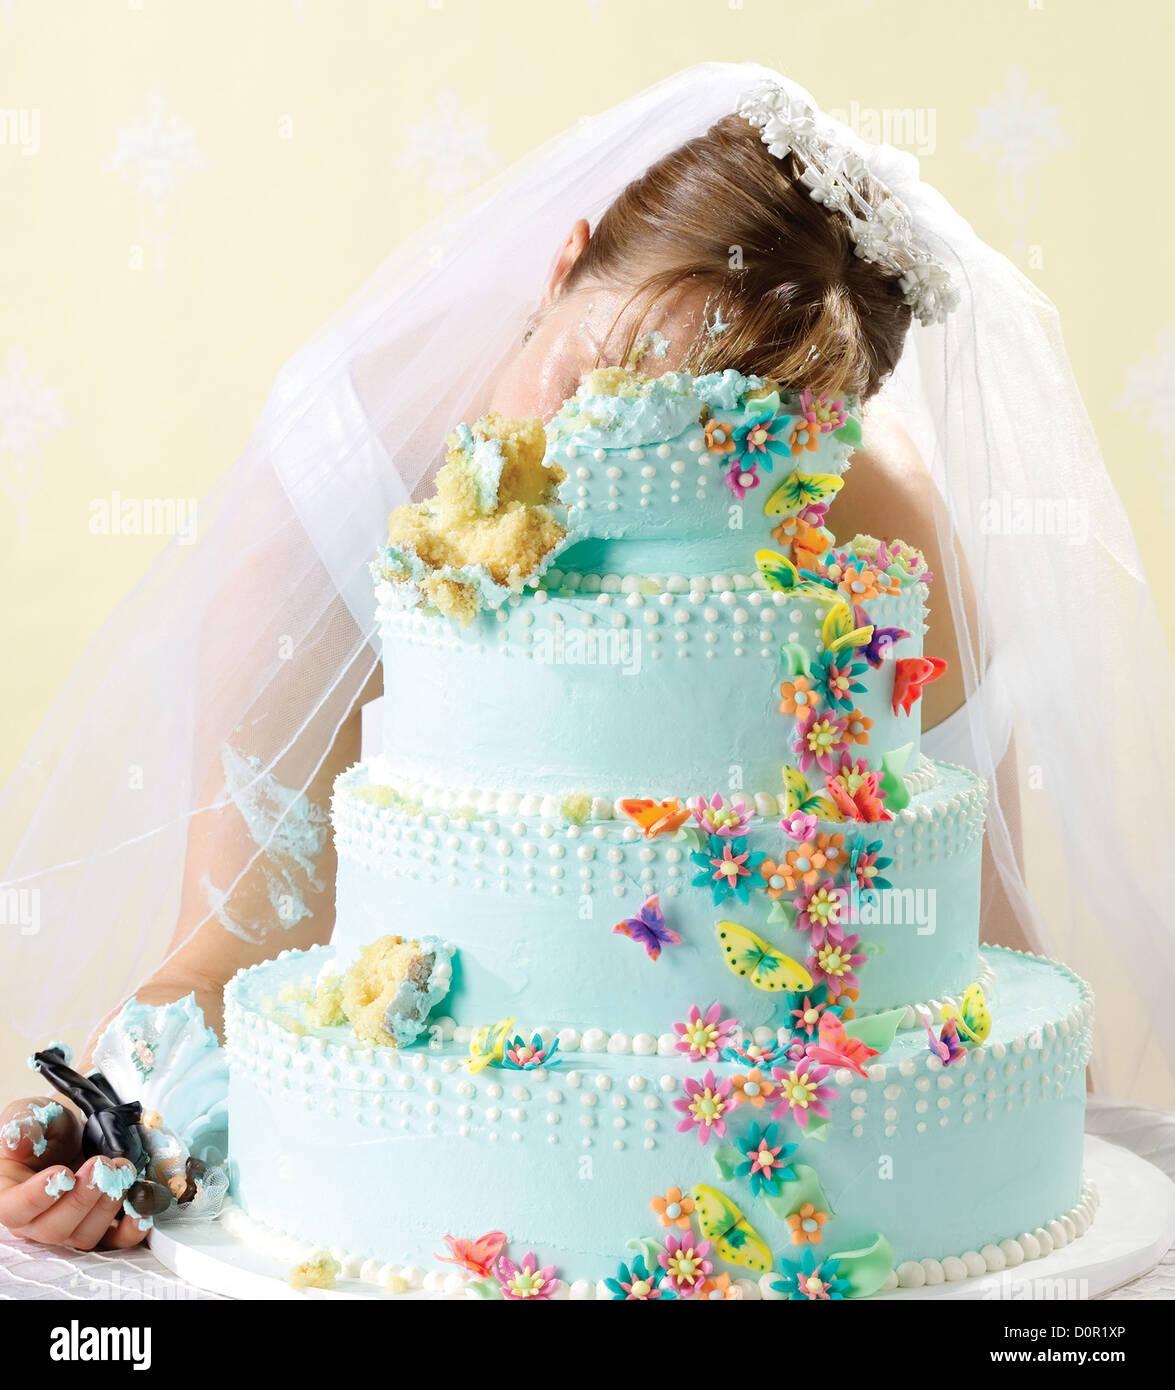 Scène du crime de mariée tué dans son gâteau de mariage Photo Stock